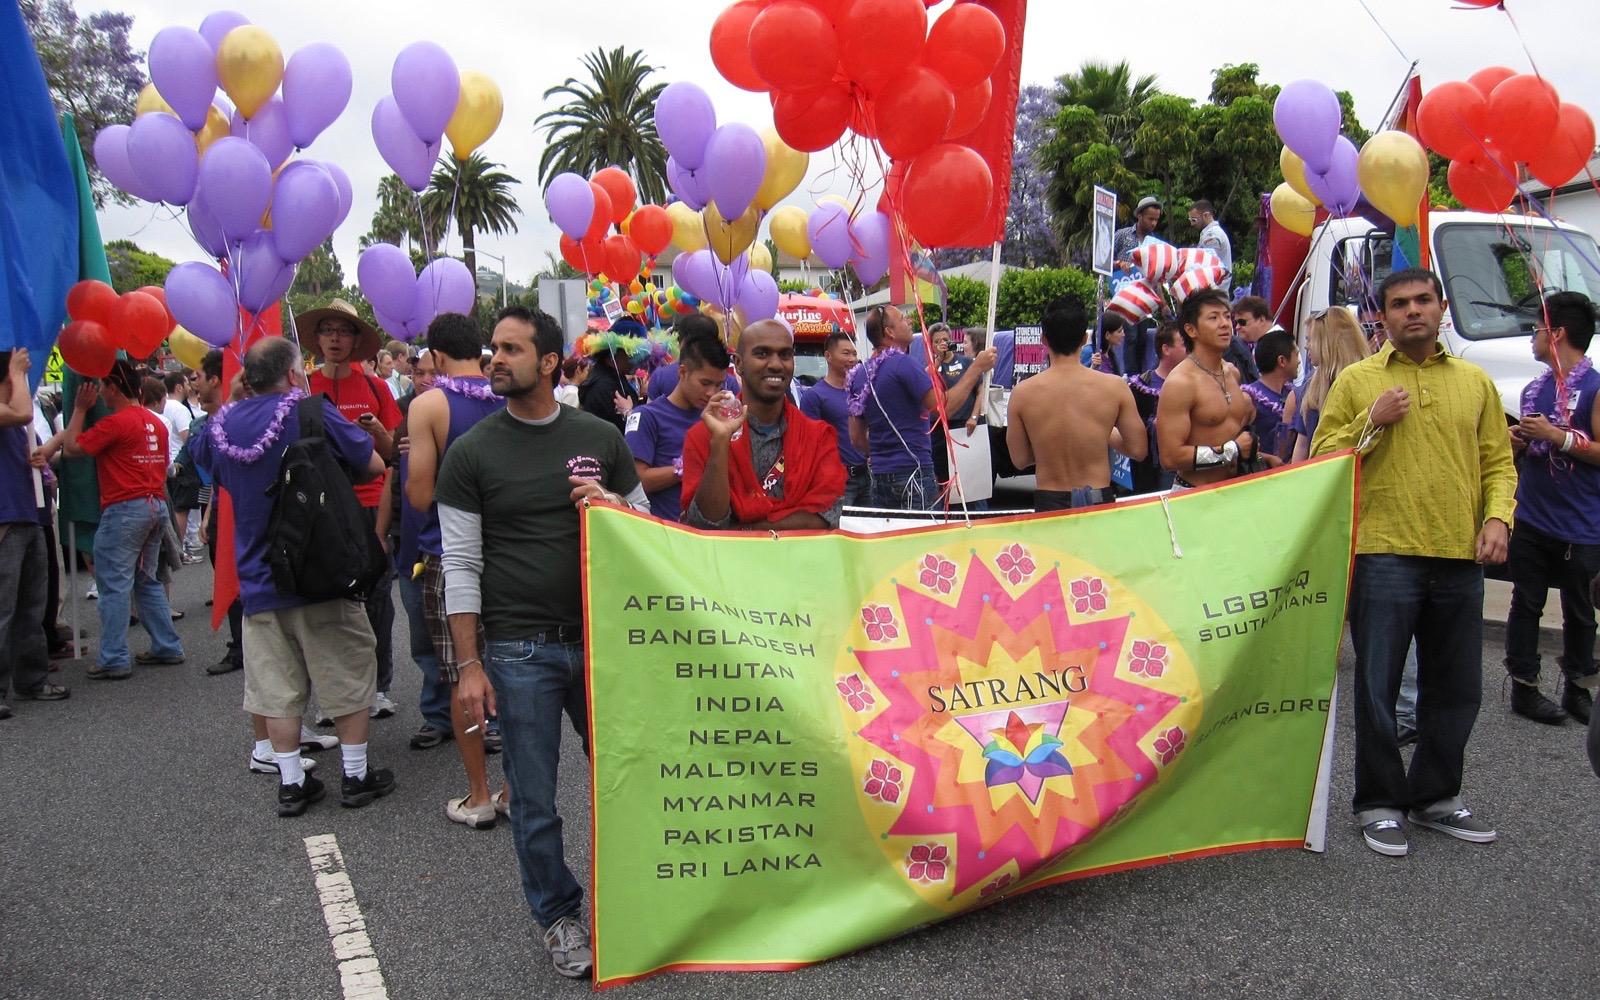 Satrang_(LGBT_South_Asians)_(5827027017) 3